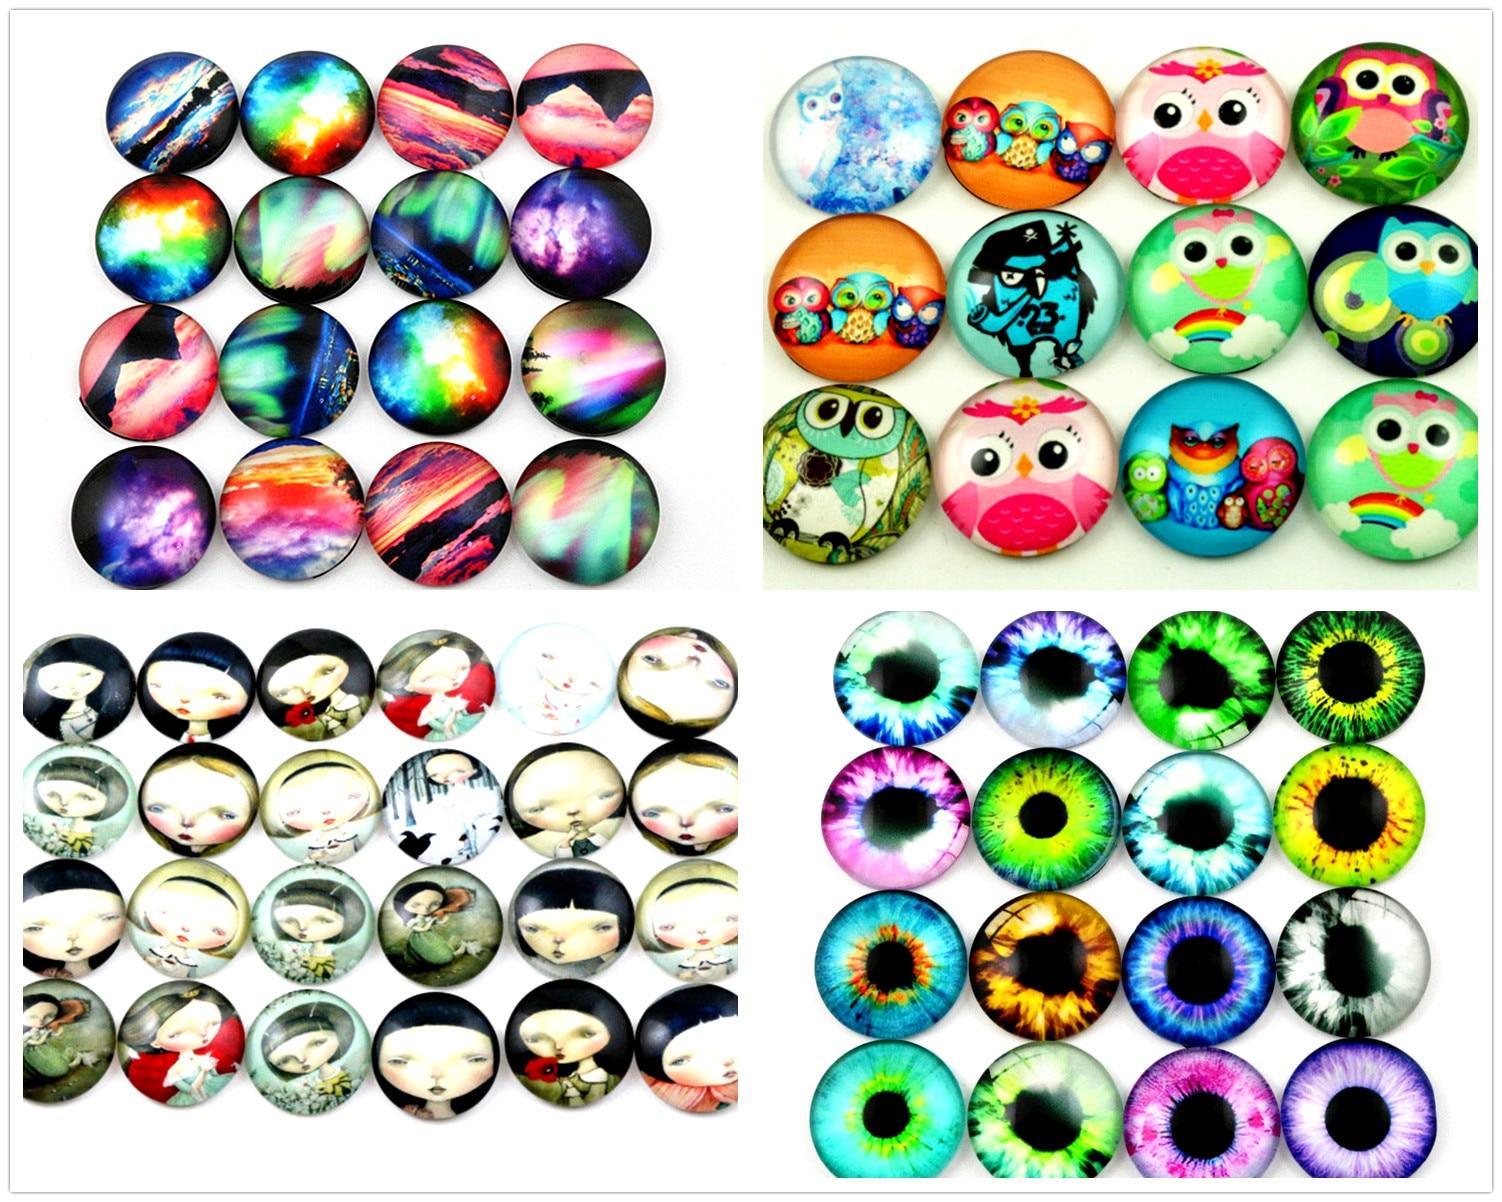 New Fashion 10pcs 20mm 5 Style Nebula, Owl, Anime Girl, Eyes Mixed Handmade Photo Glass Cabochons